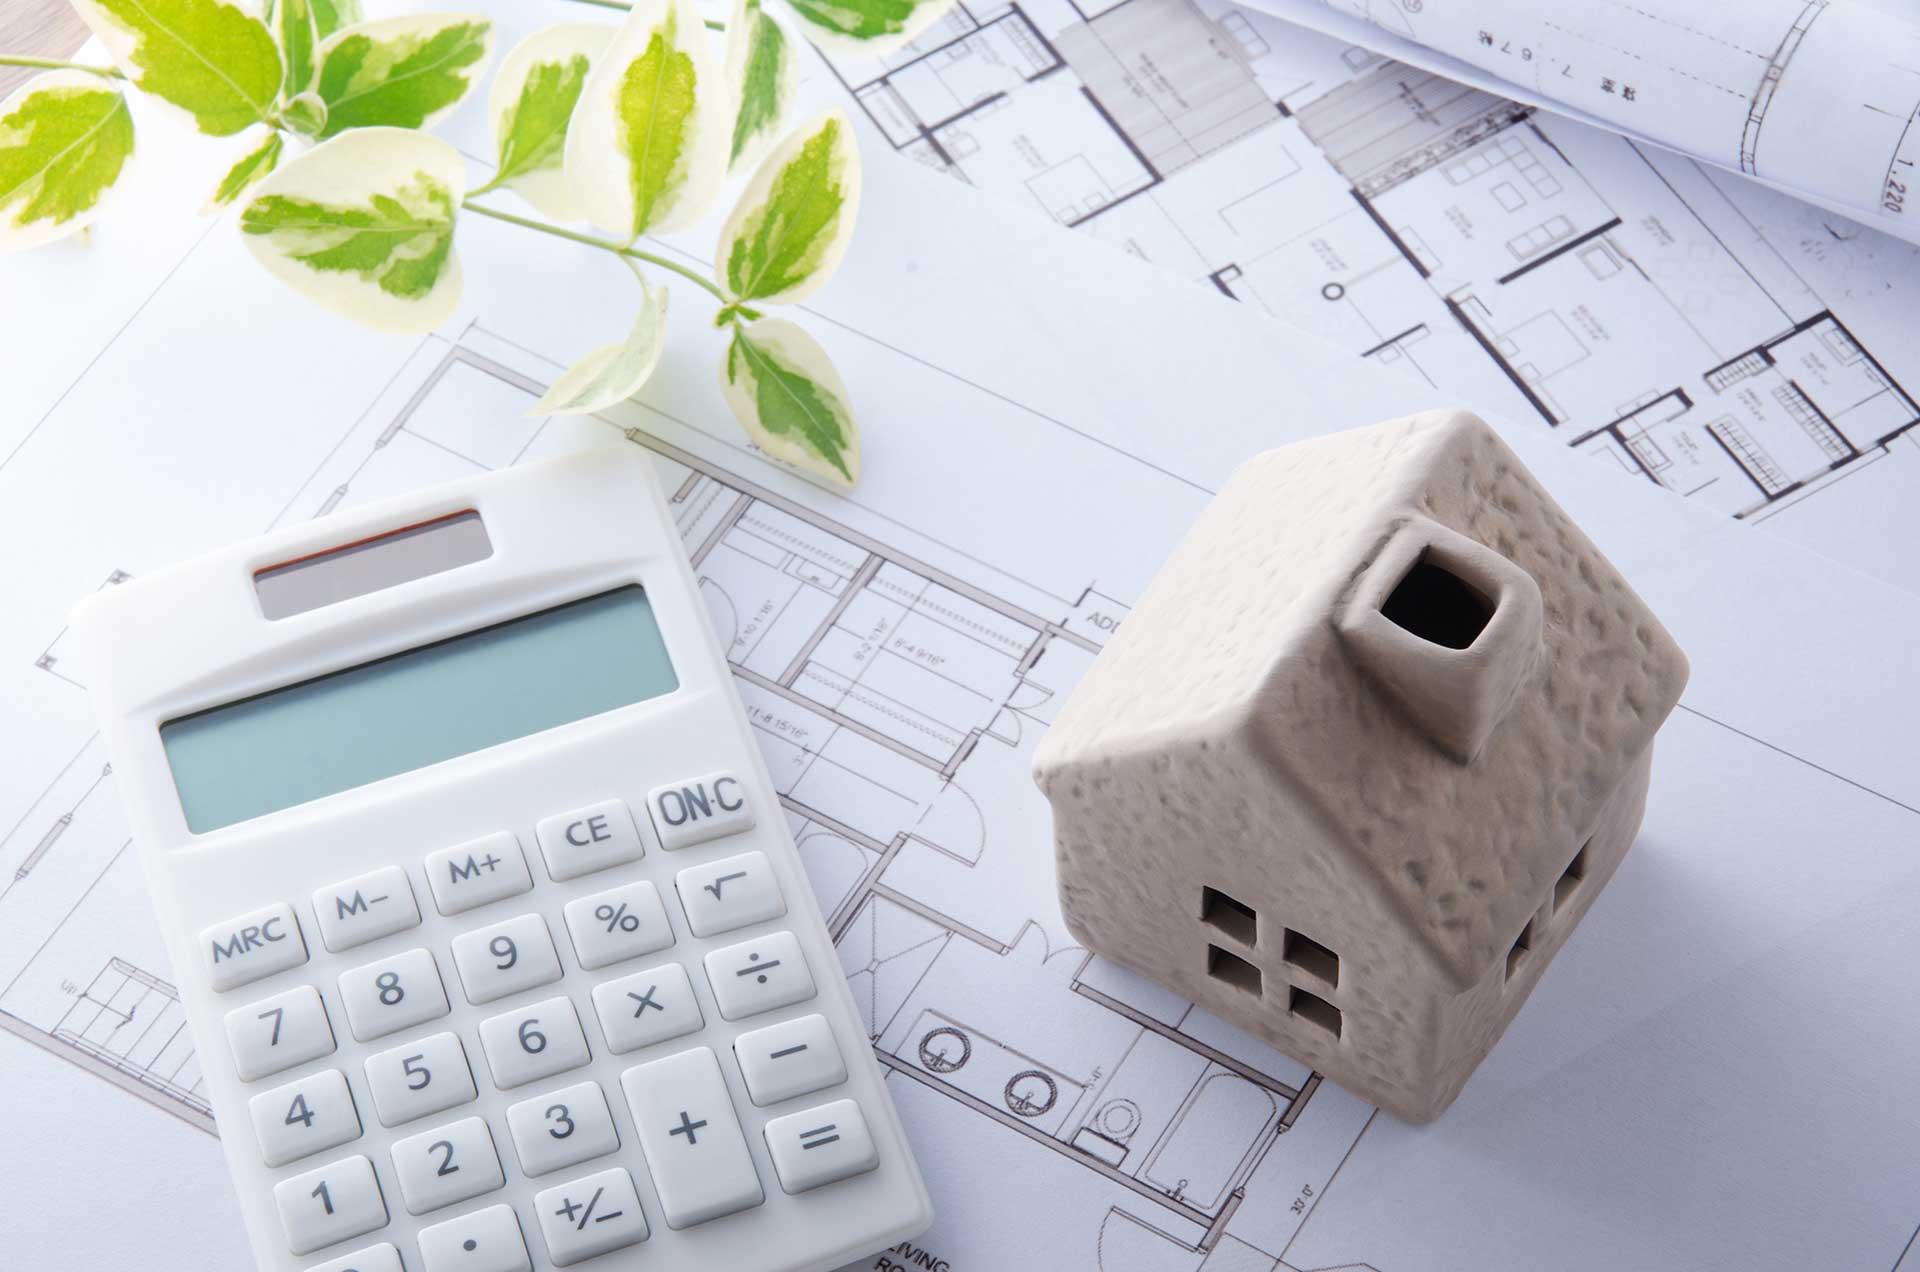 Hausplan und Taschenrechner